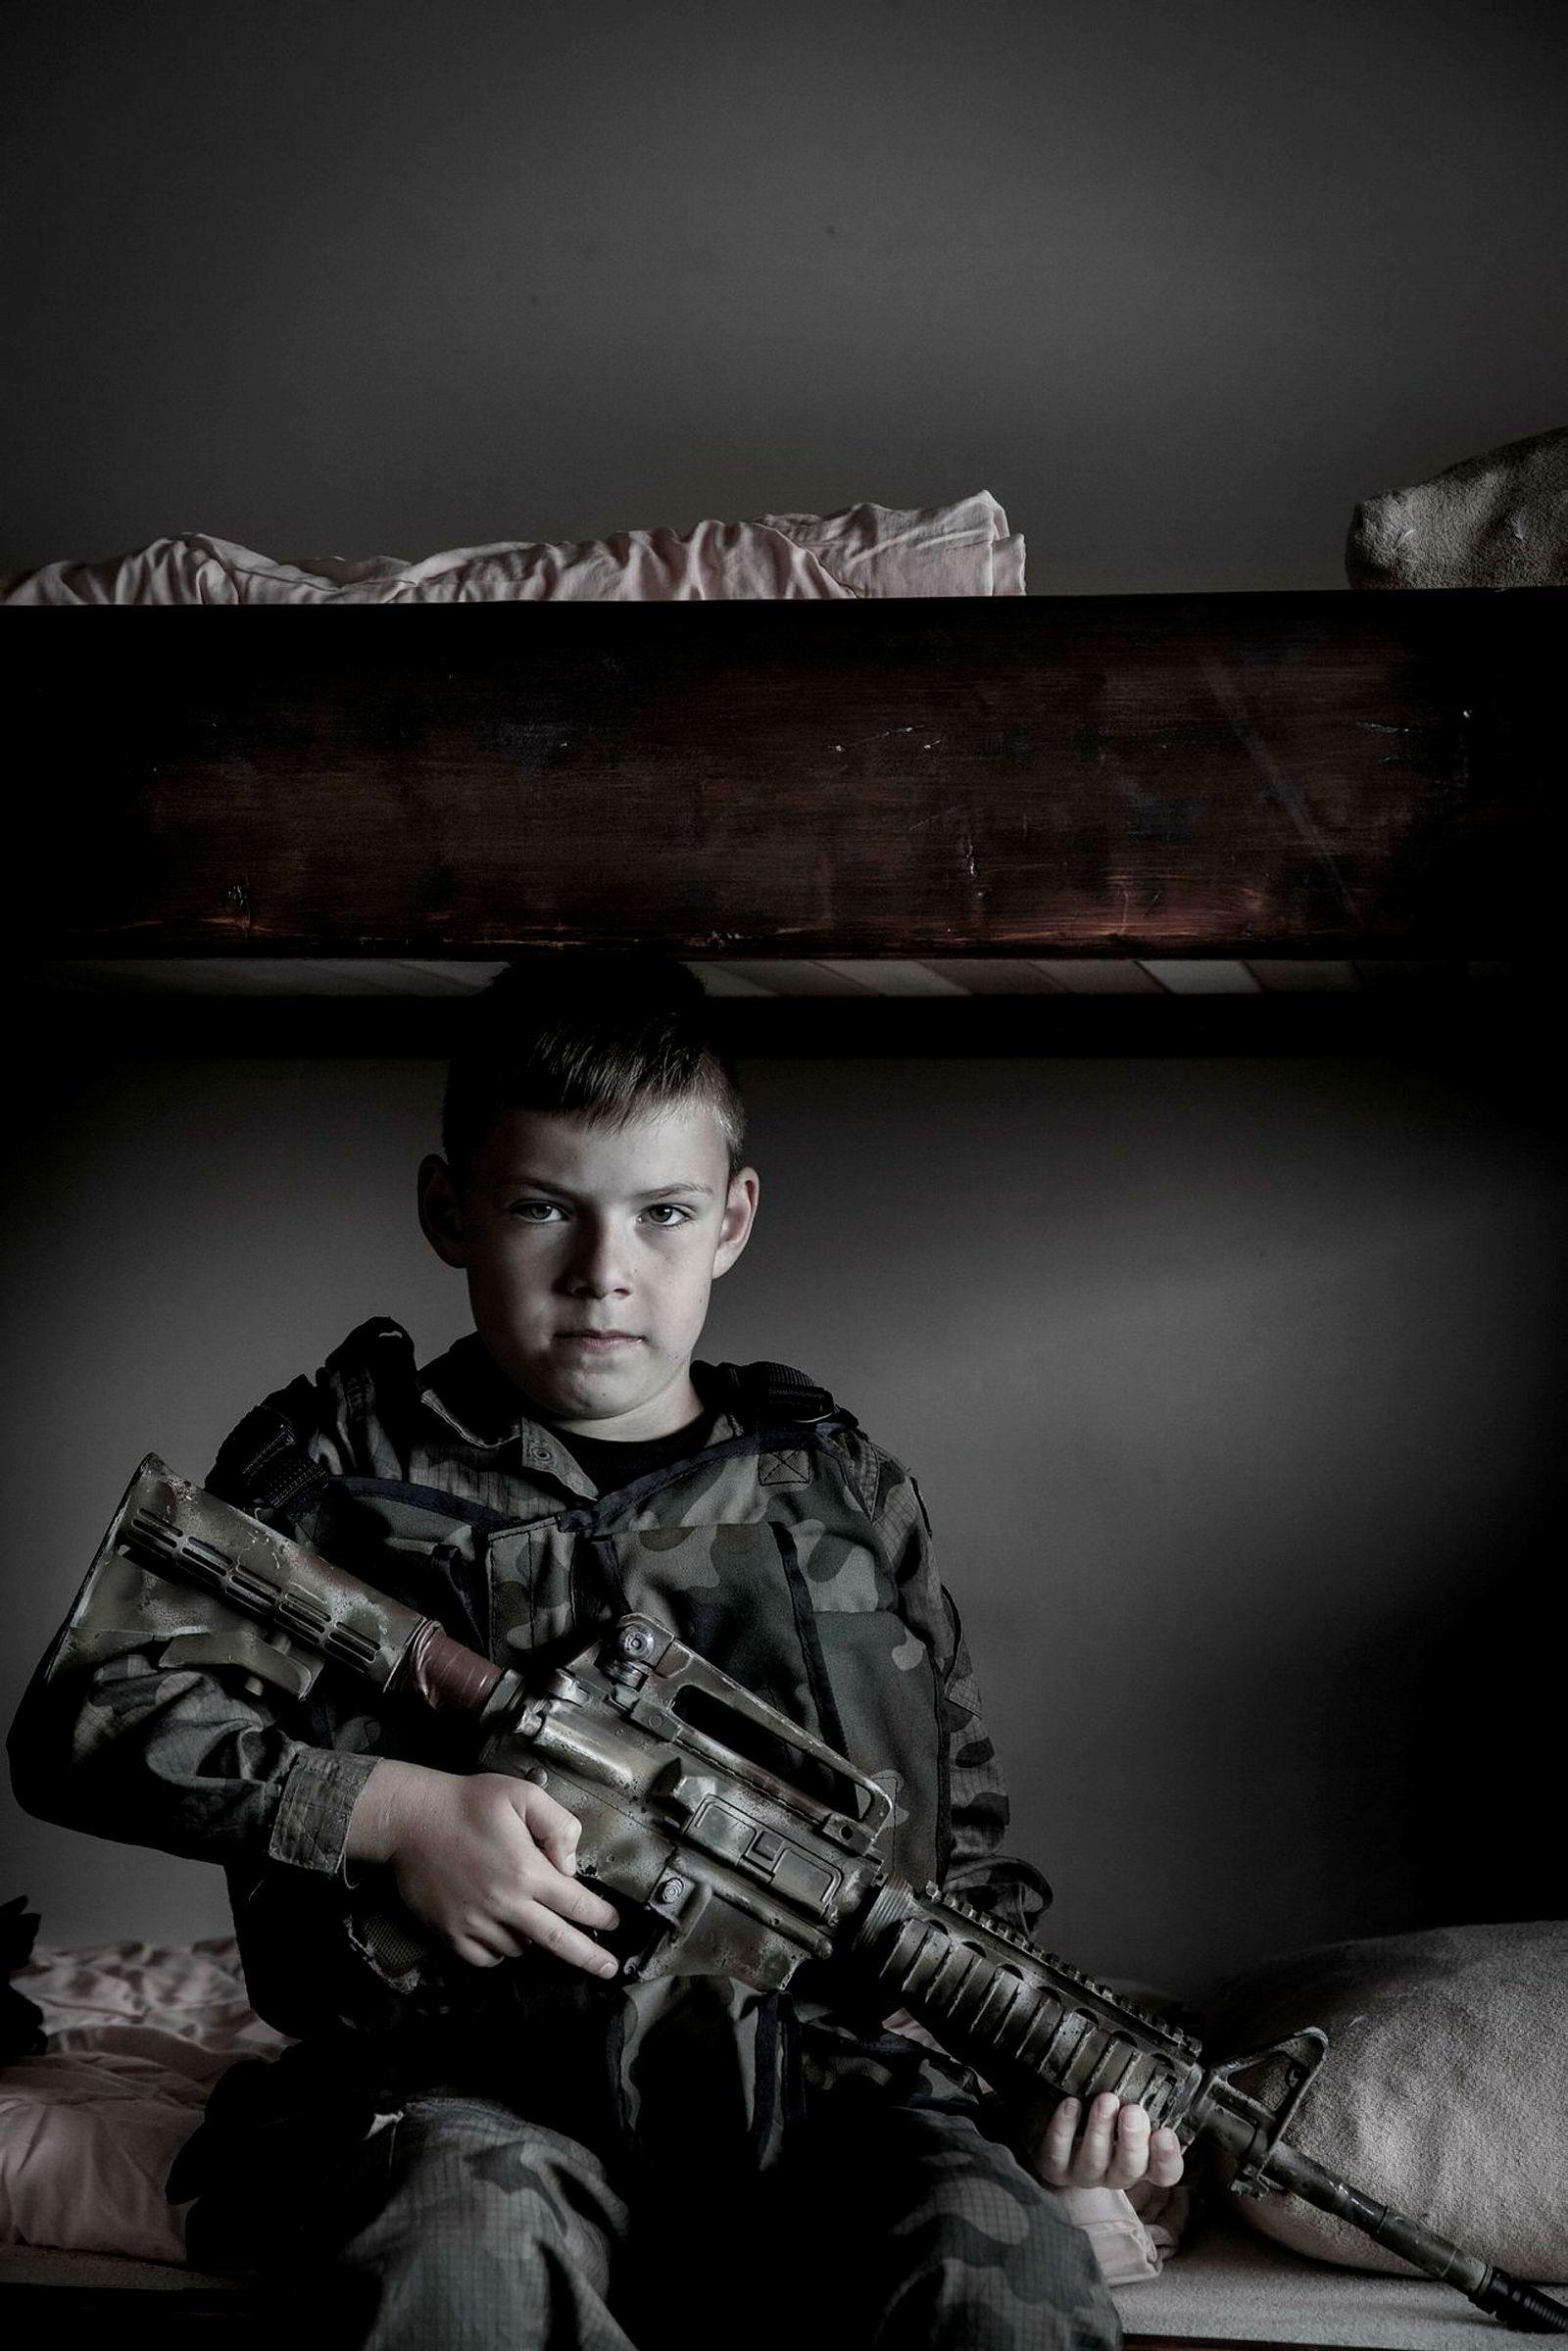 Slawomir Szczerkowski jr. brukte sommeren sin på våpen- og selvforsvarssommerleir for barn mellom ti og tolv år i Nowy Sacz i Polen.